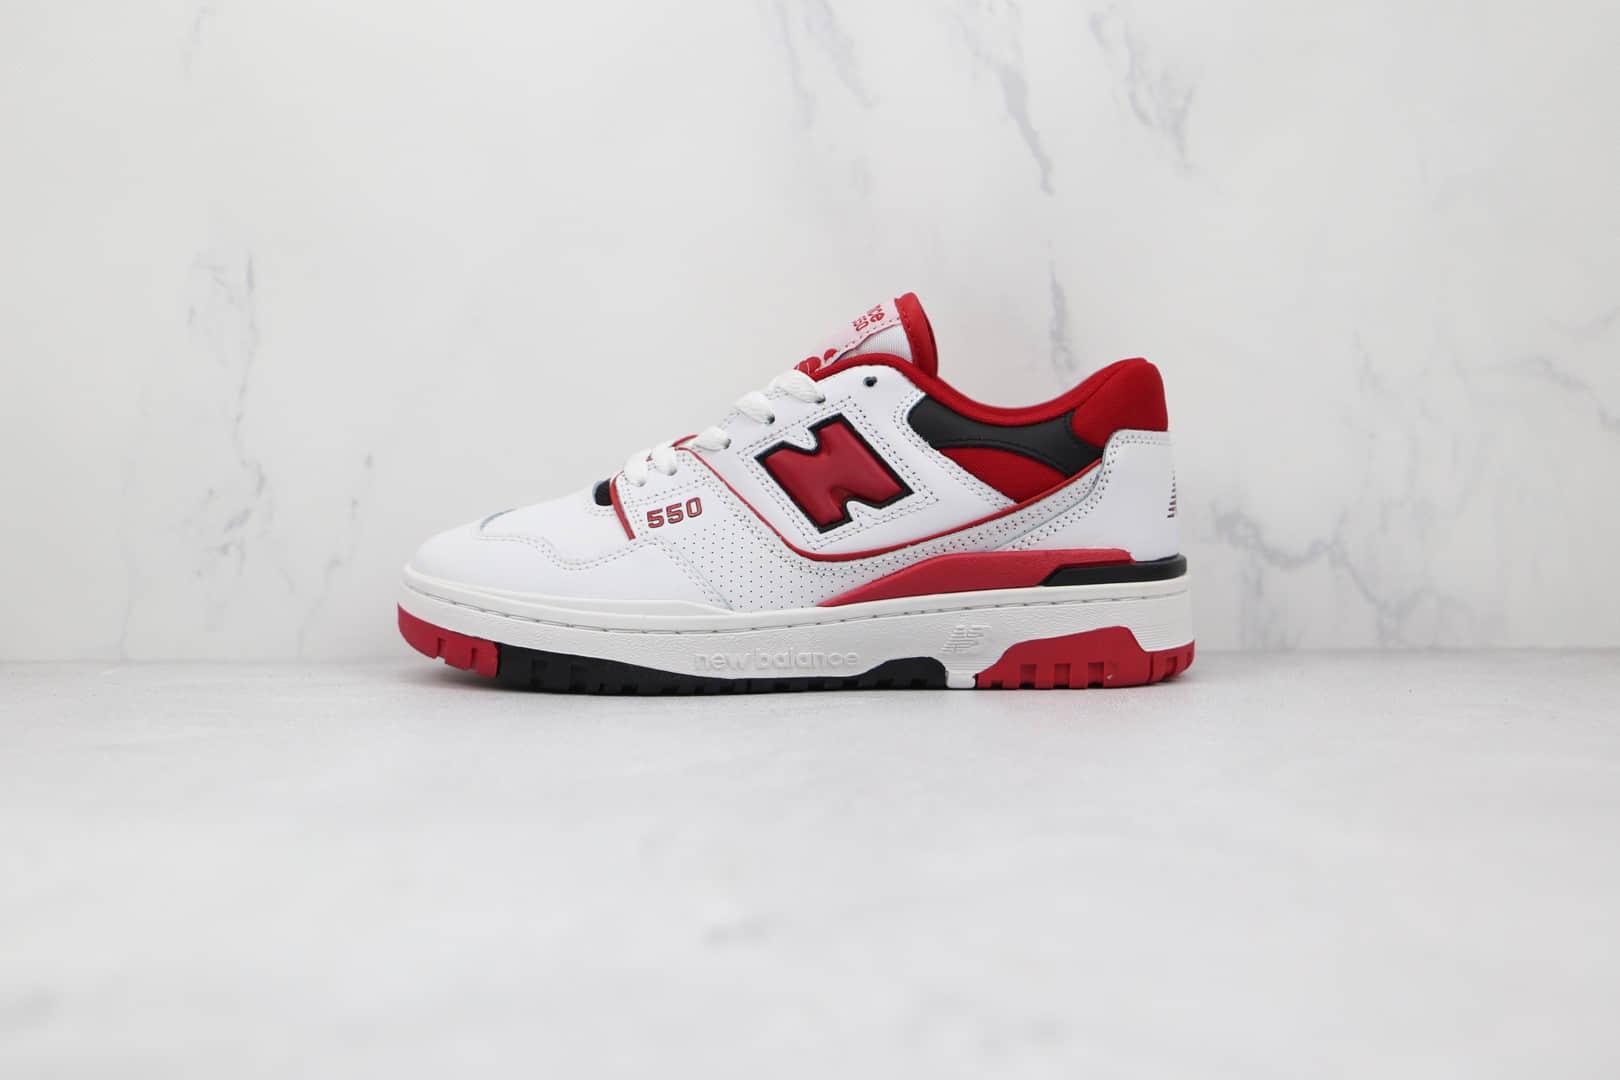 新百伦new balance 550纯原版本白红色复古慢跑鞋原楦头纸板打造 货号:BB550SE1